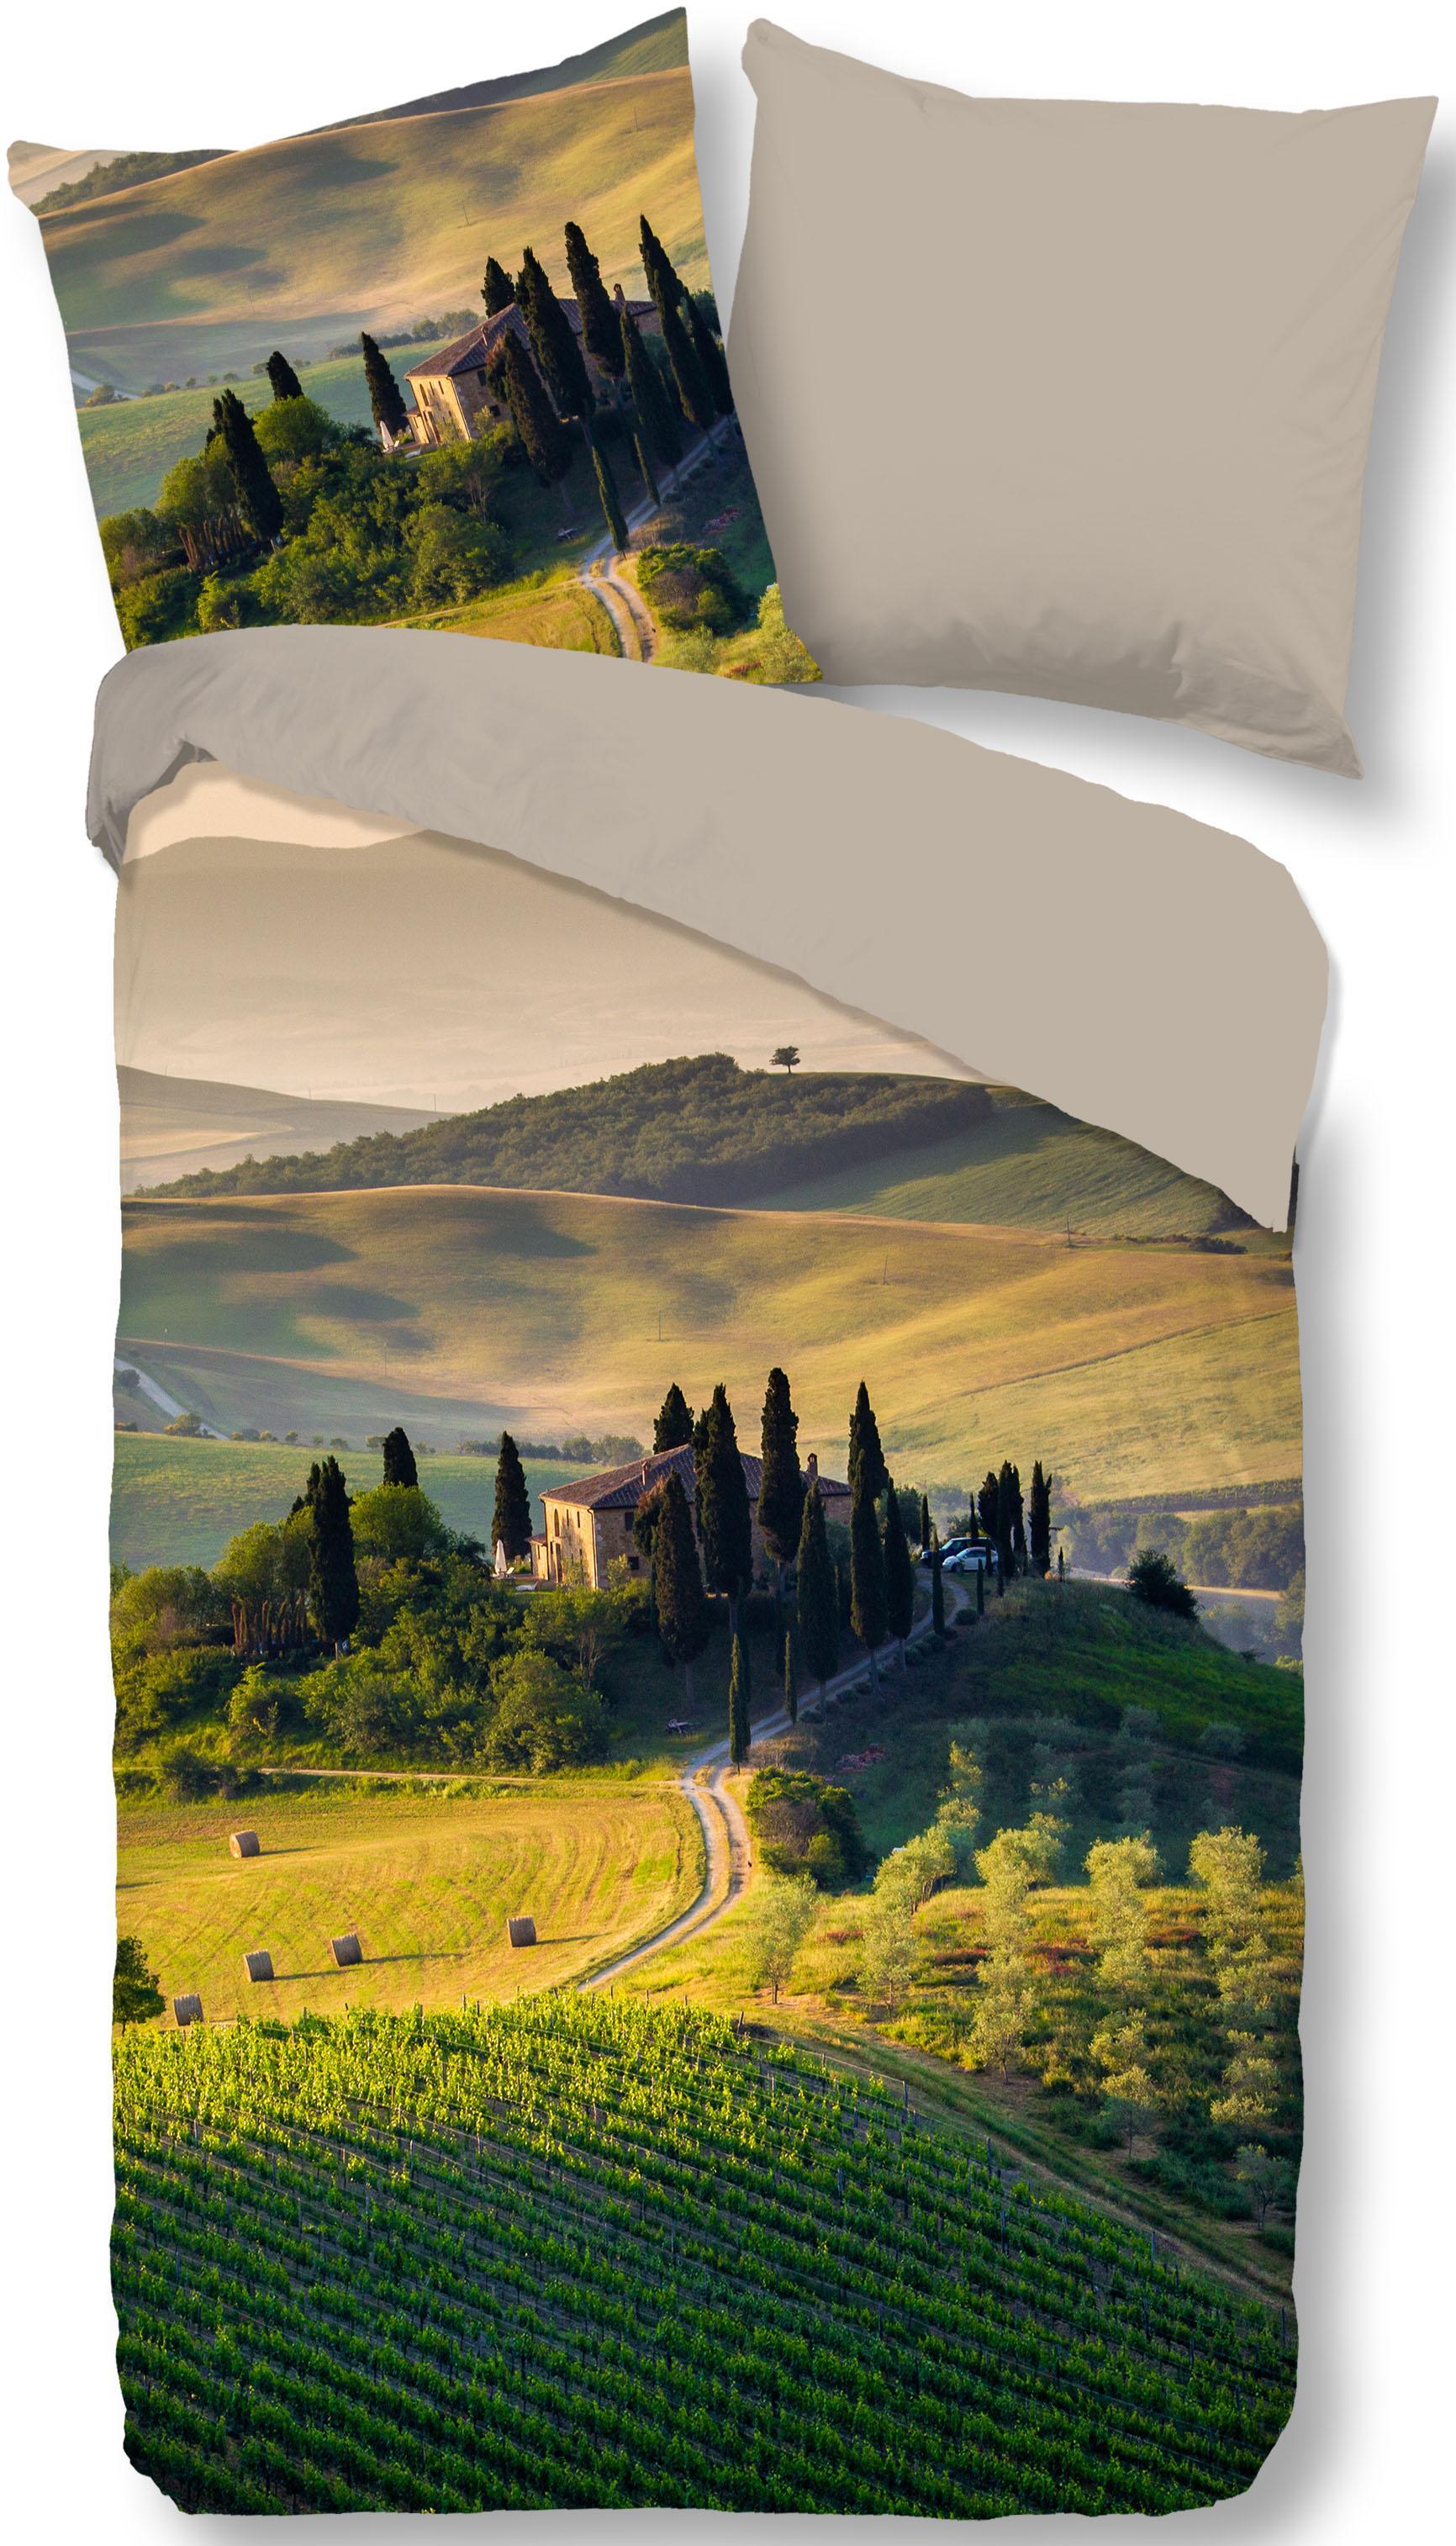 Wendebettwäsche Tuscan good morning